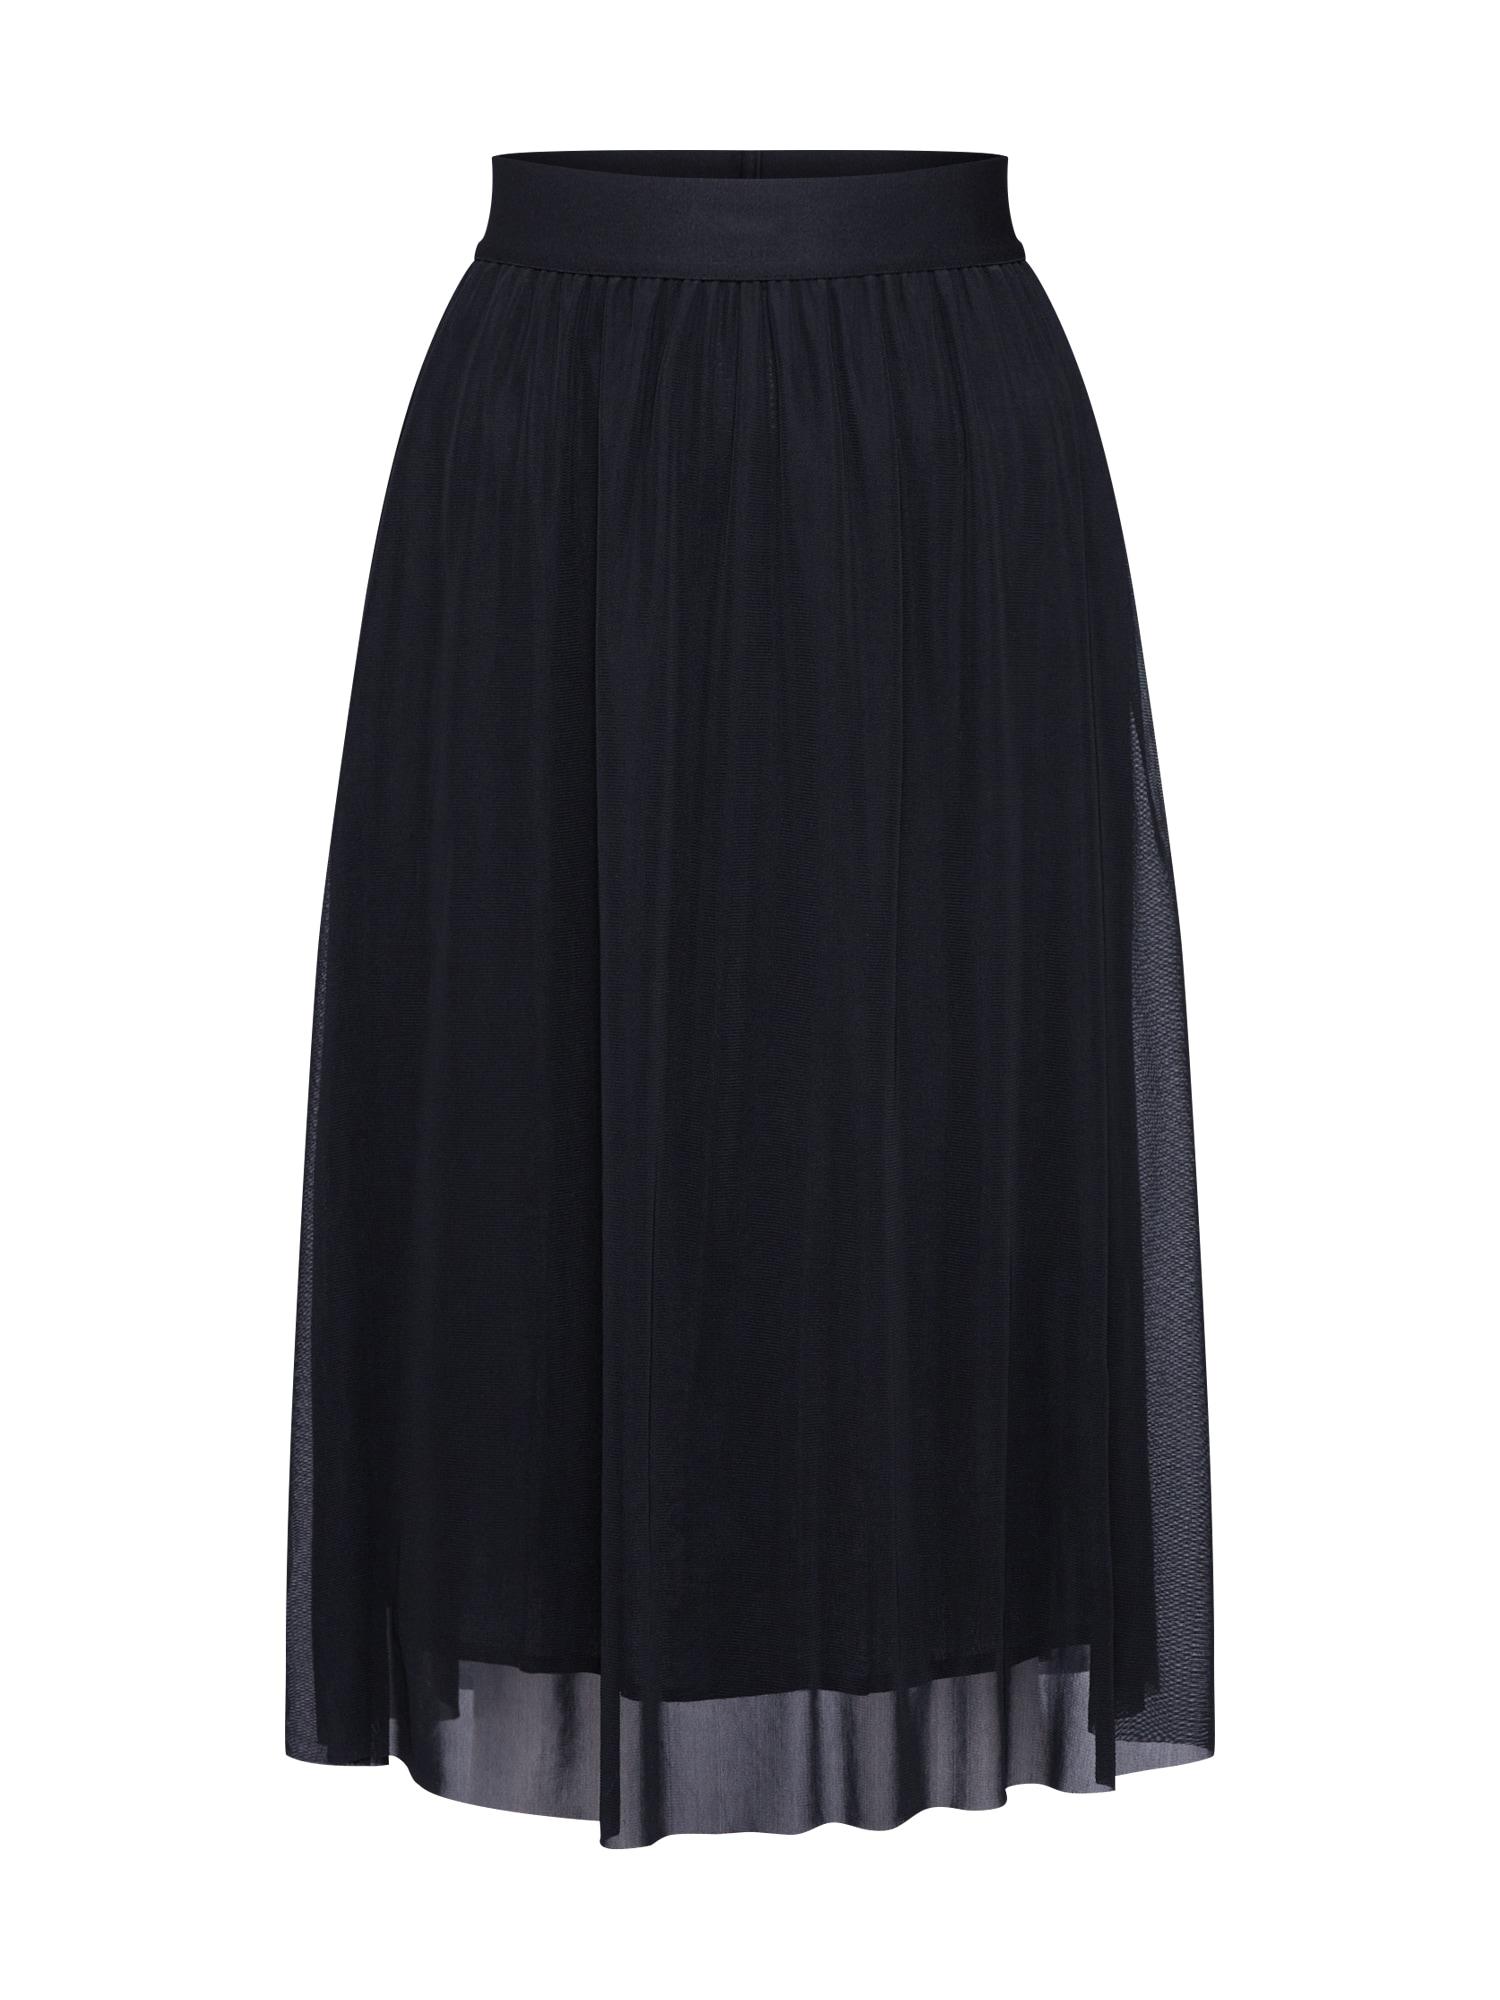 Sukně Thora Violet Skirt černá BRUUNS BAZAAR